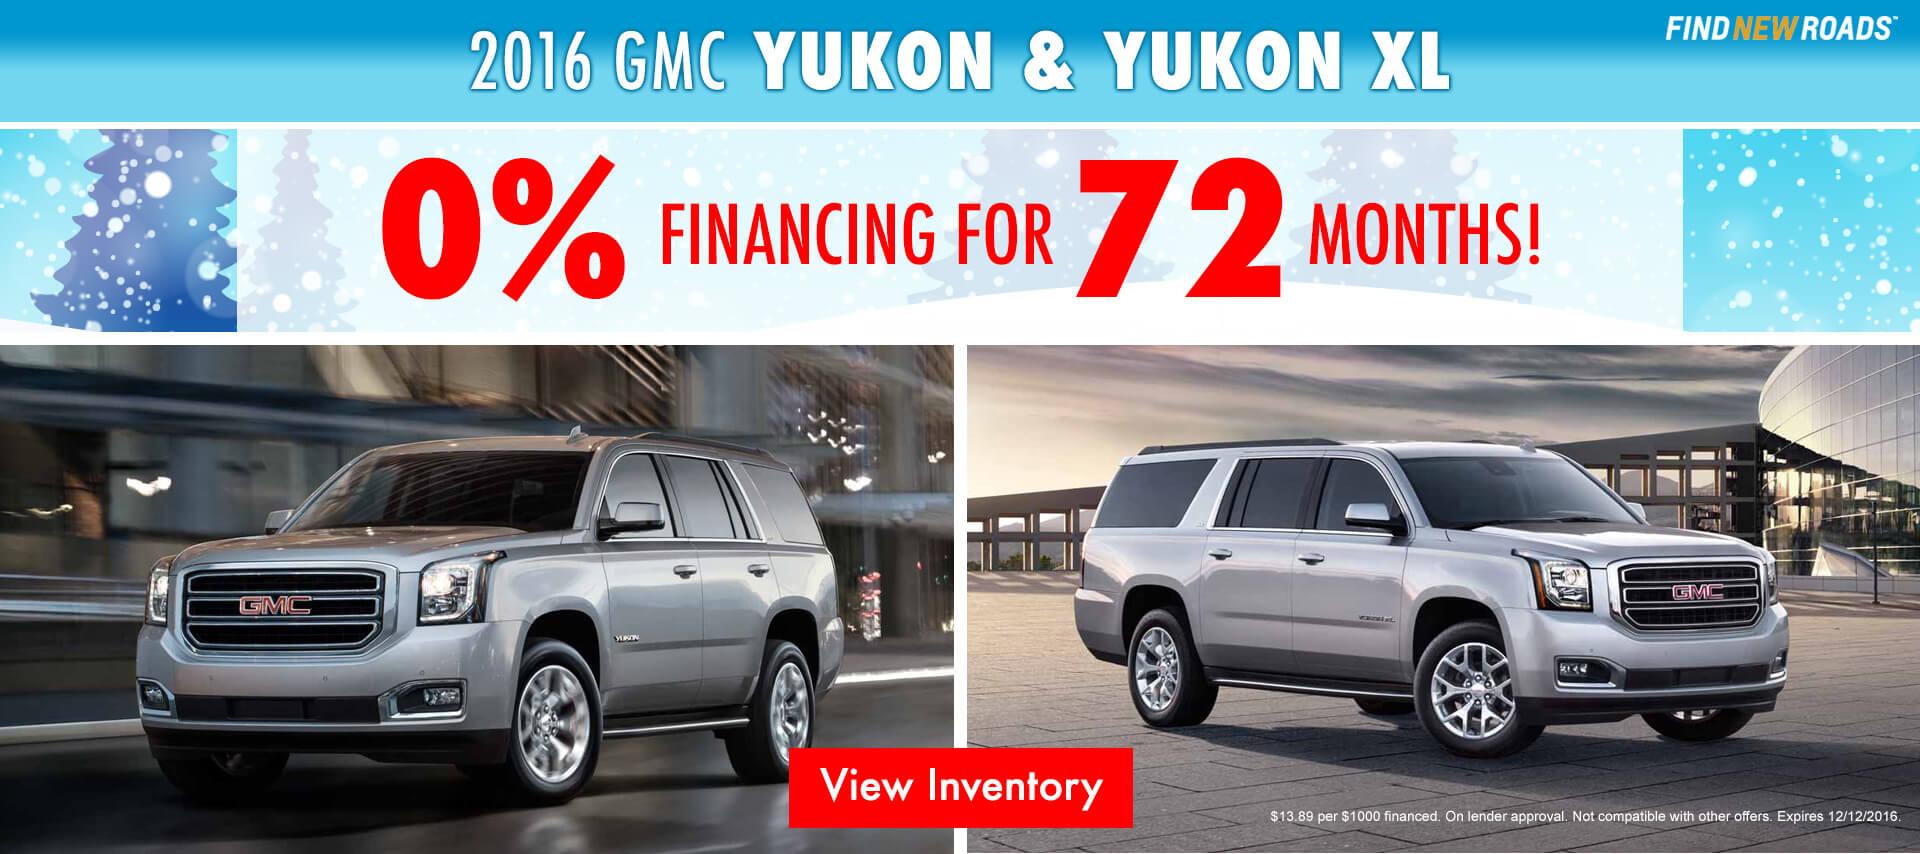 Yukon Yukon XL